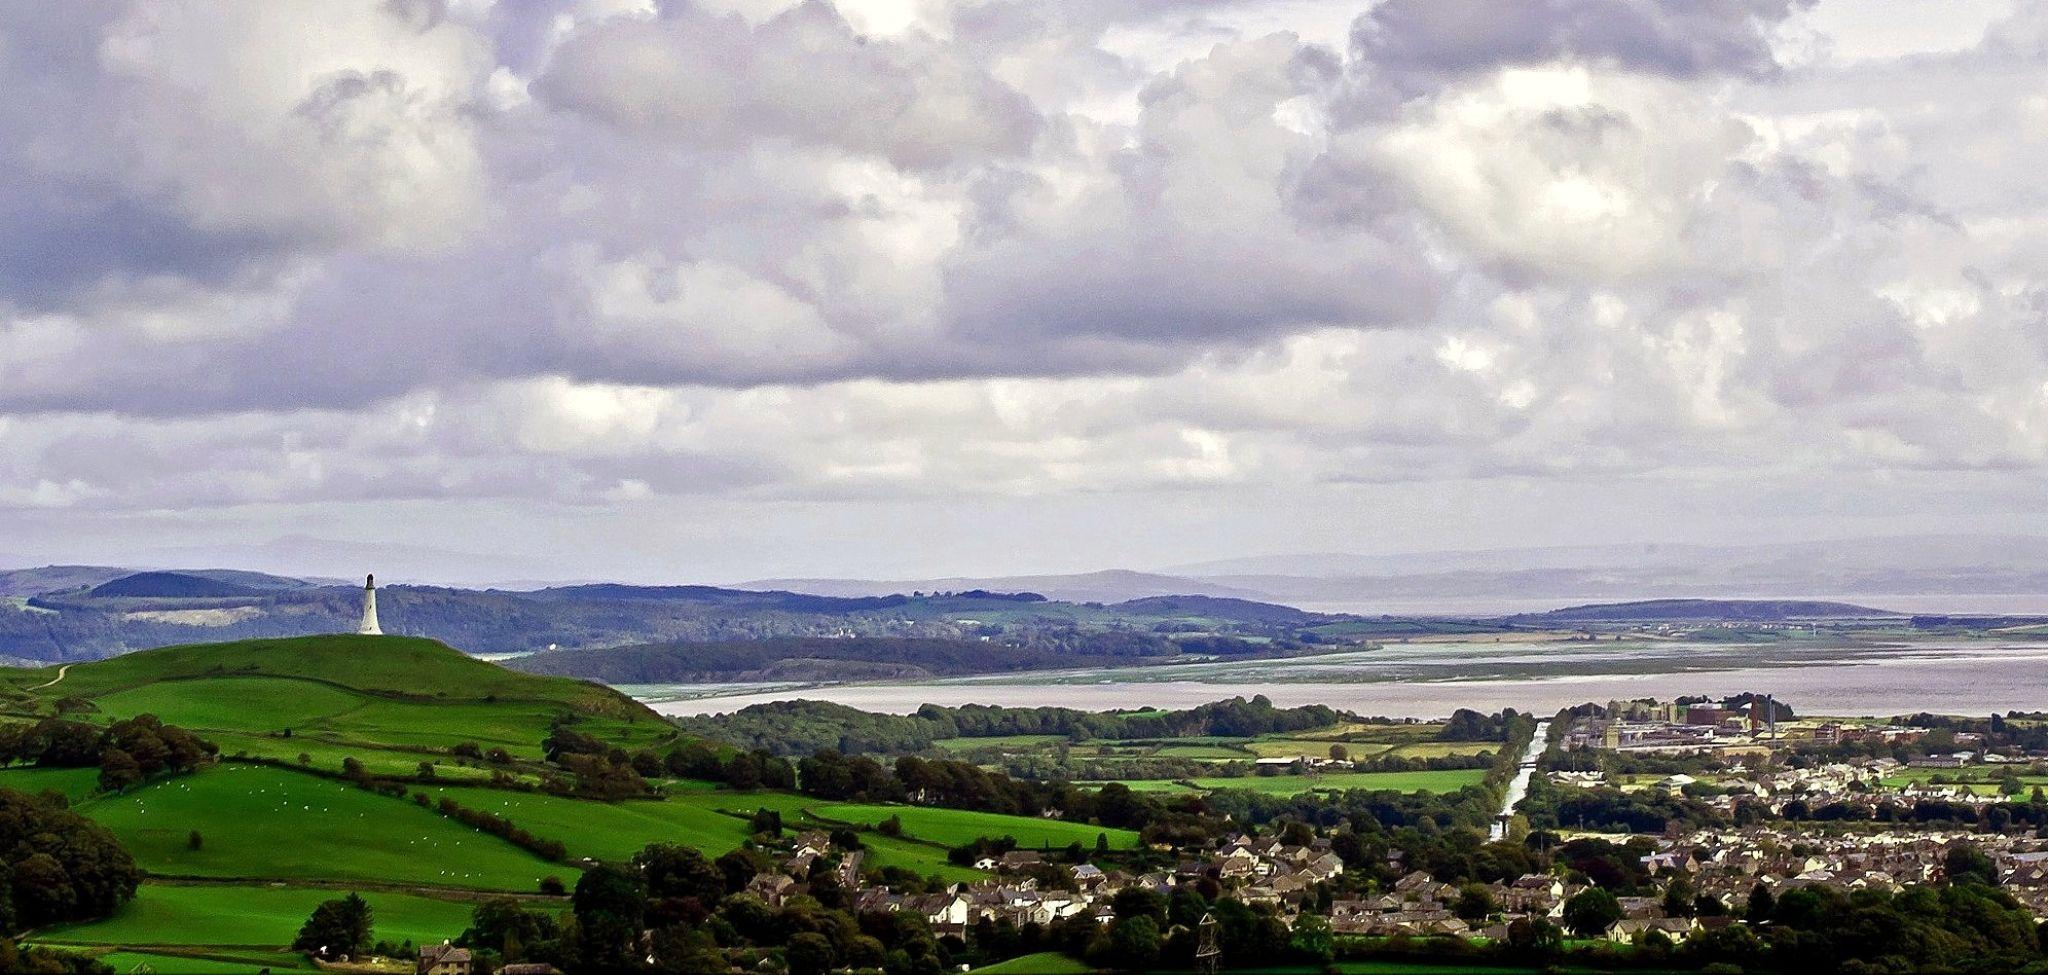 Ulverston, Cumbria by steven.kirkham.5